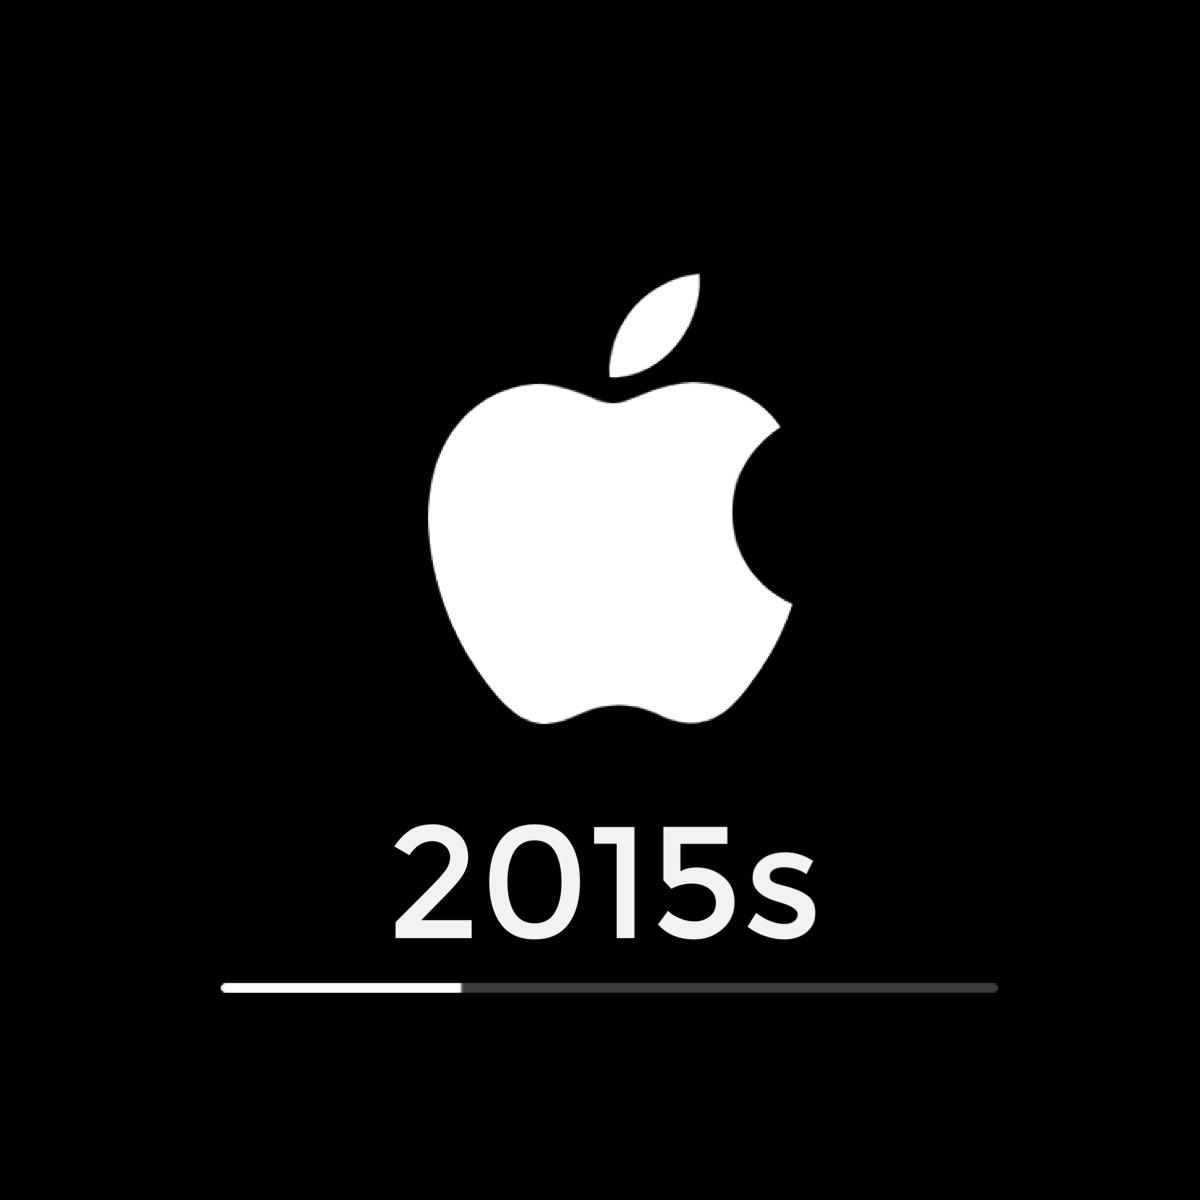 iReview 1/2016 – Wird 2016 für Apple nur ein 2015s?